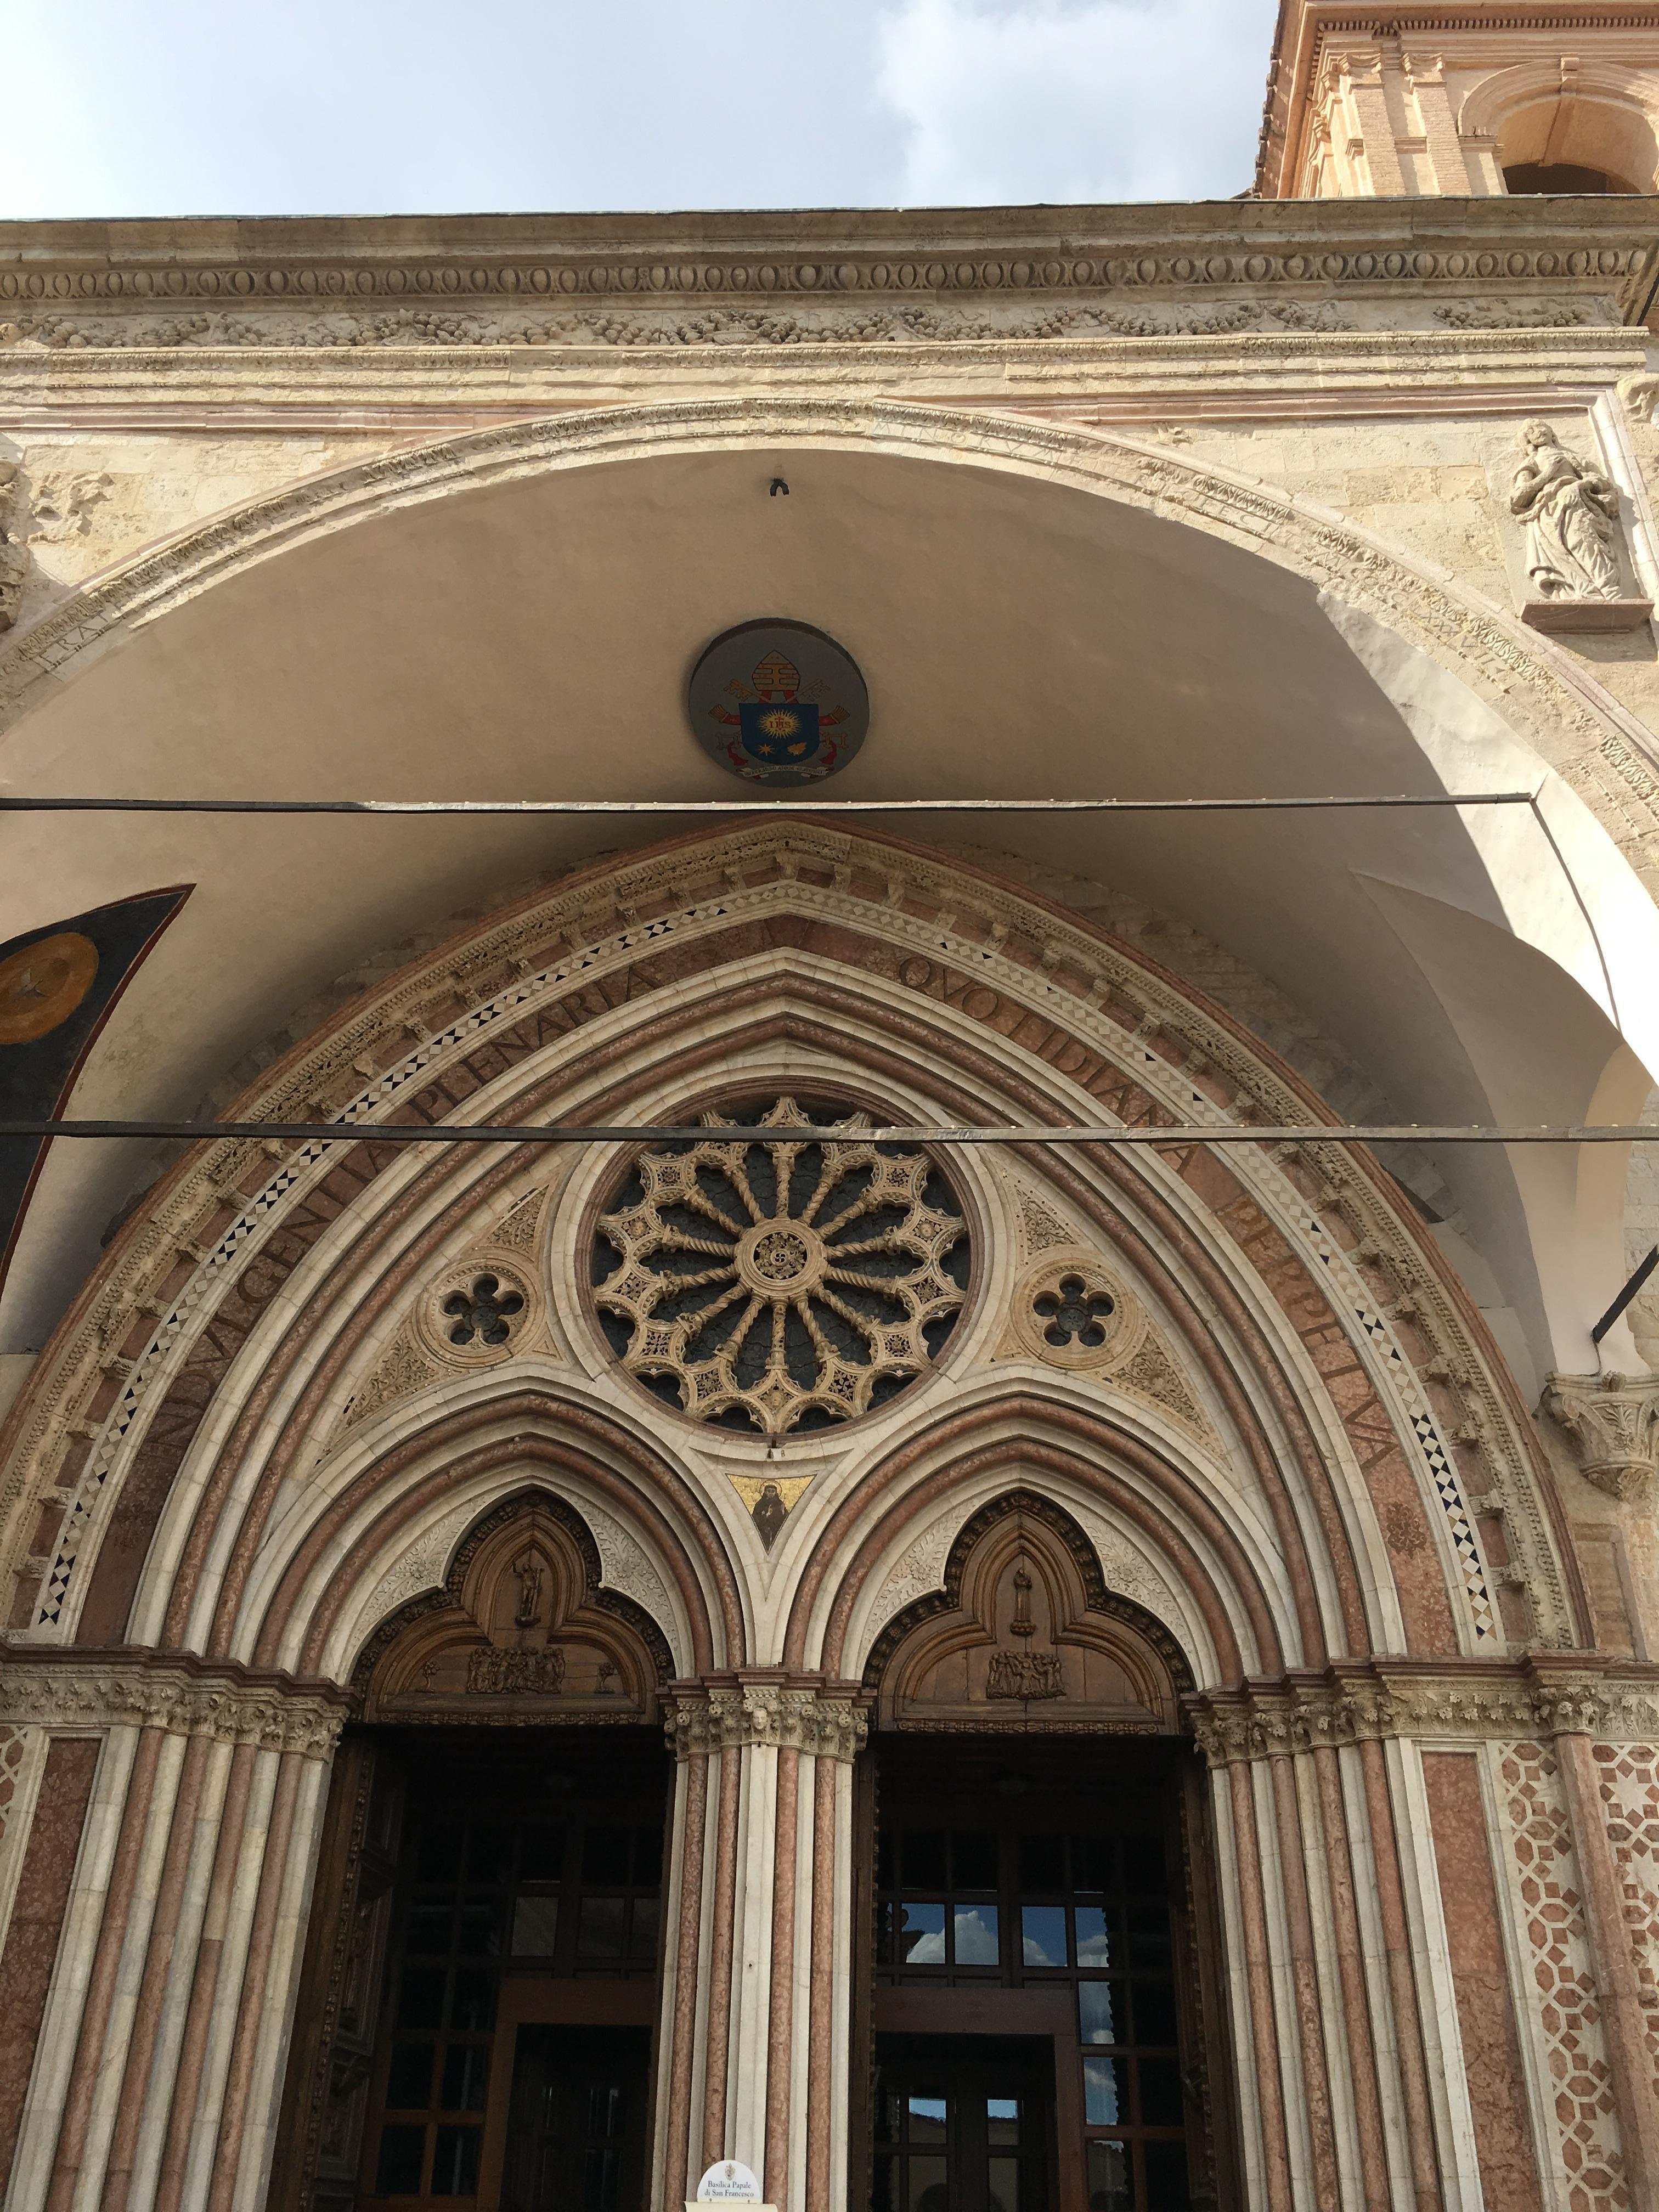 Hotel Ristorante La Terrazza: 2018 Room Prices from $82, Deals ...